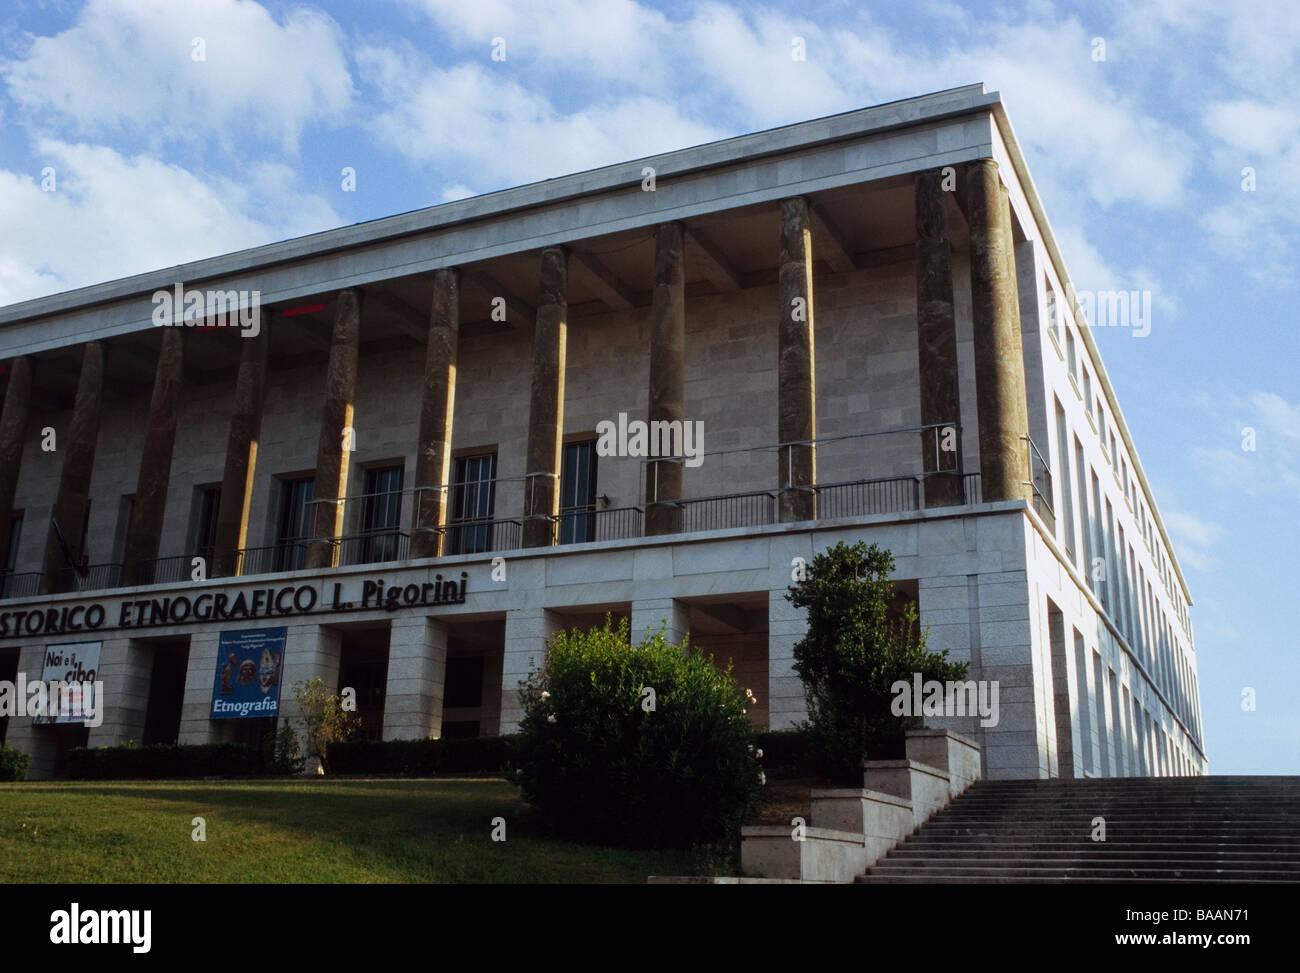 Palazzo delle Scienze in the EUR district, Rome Stock Photo